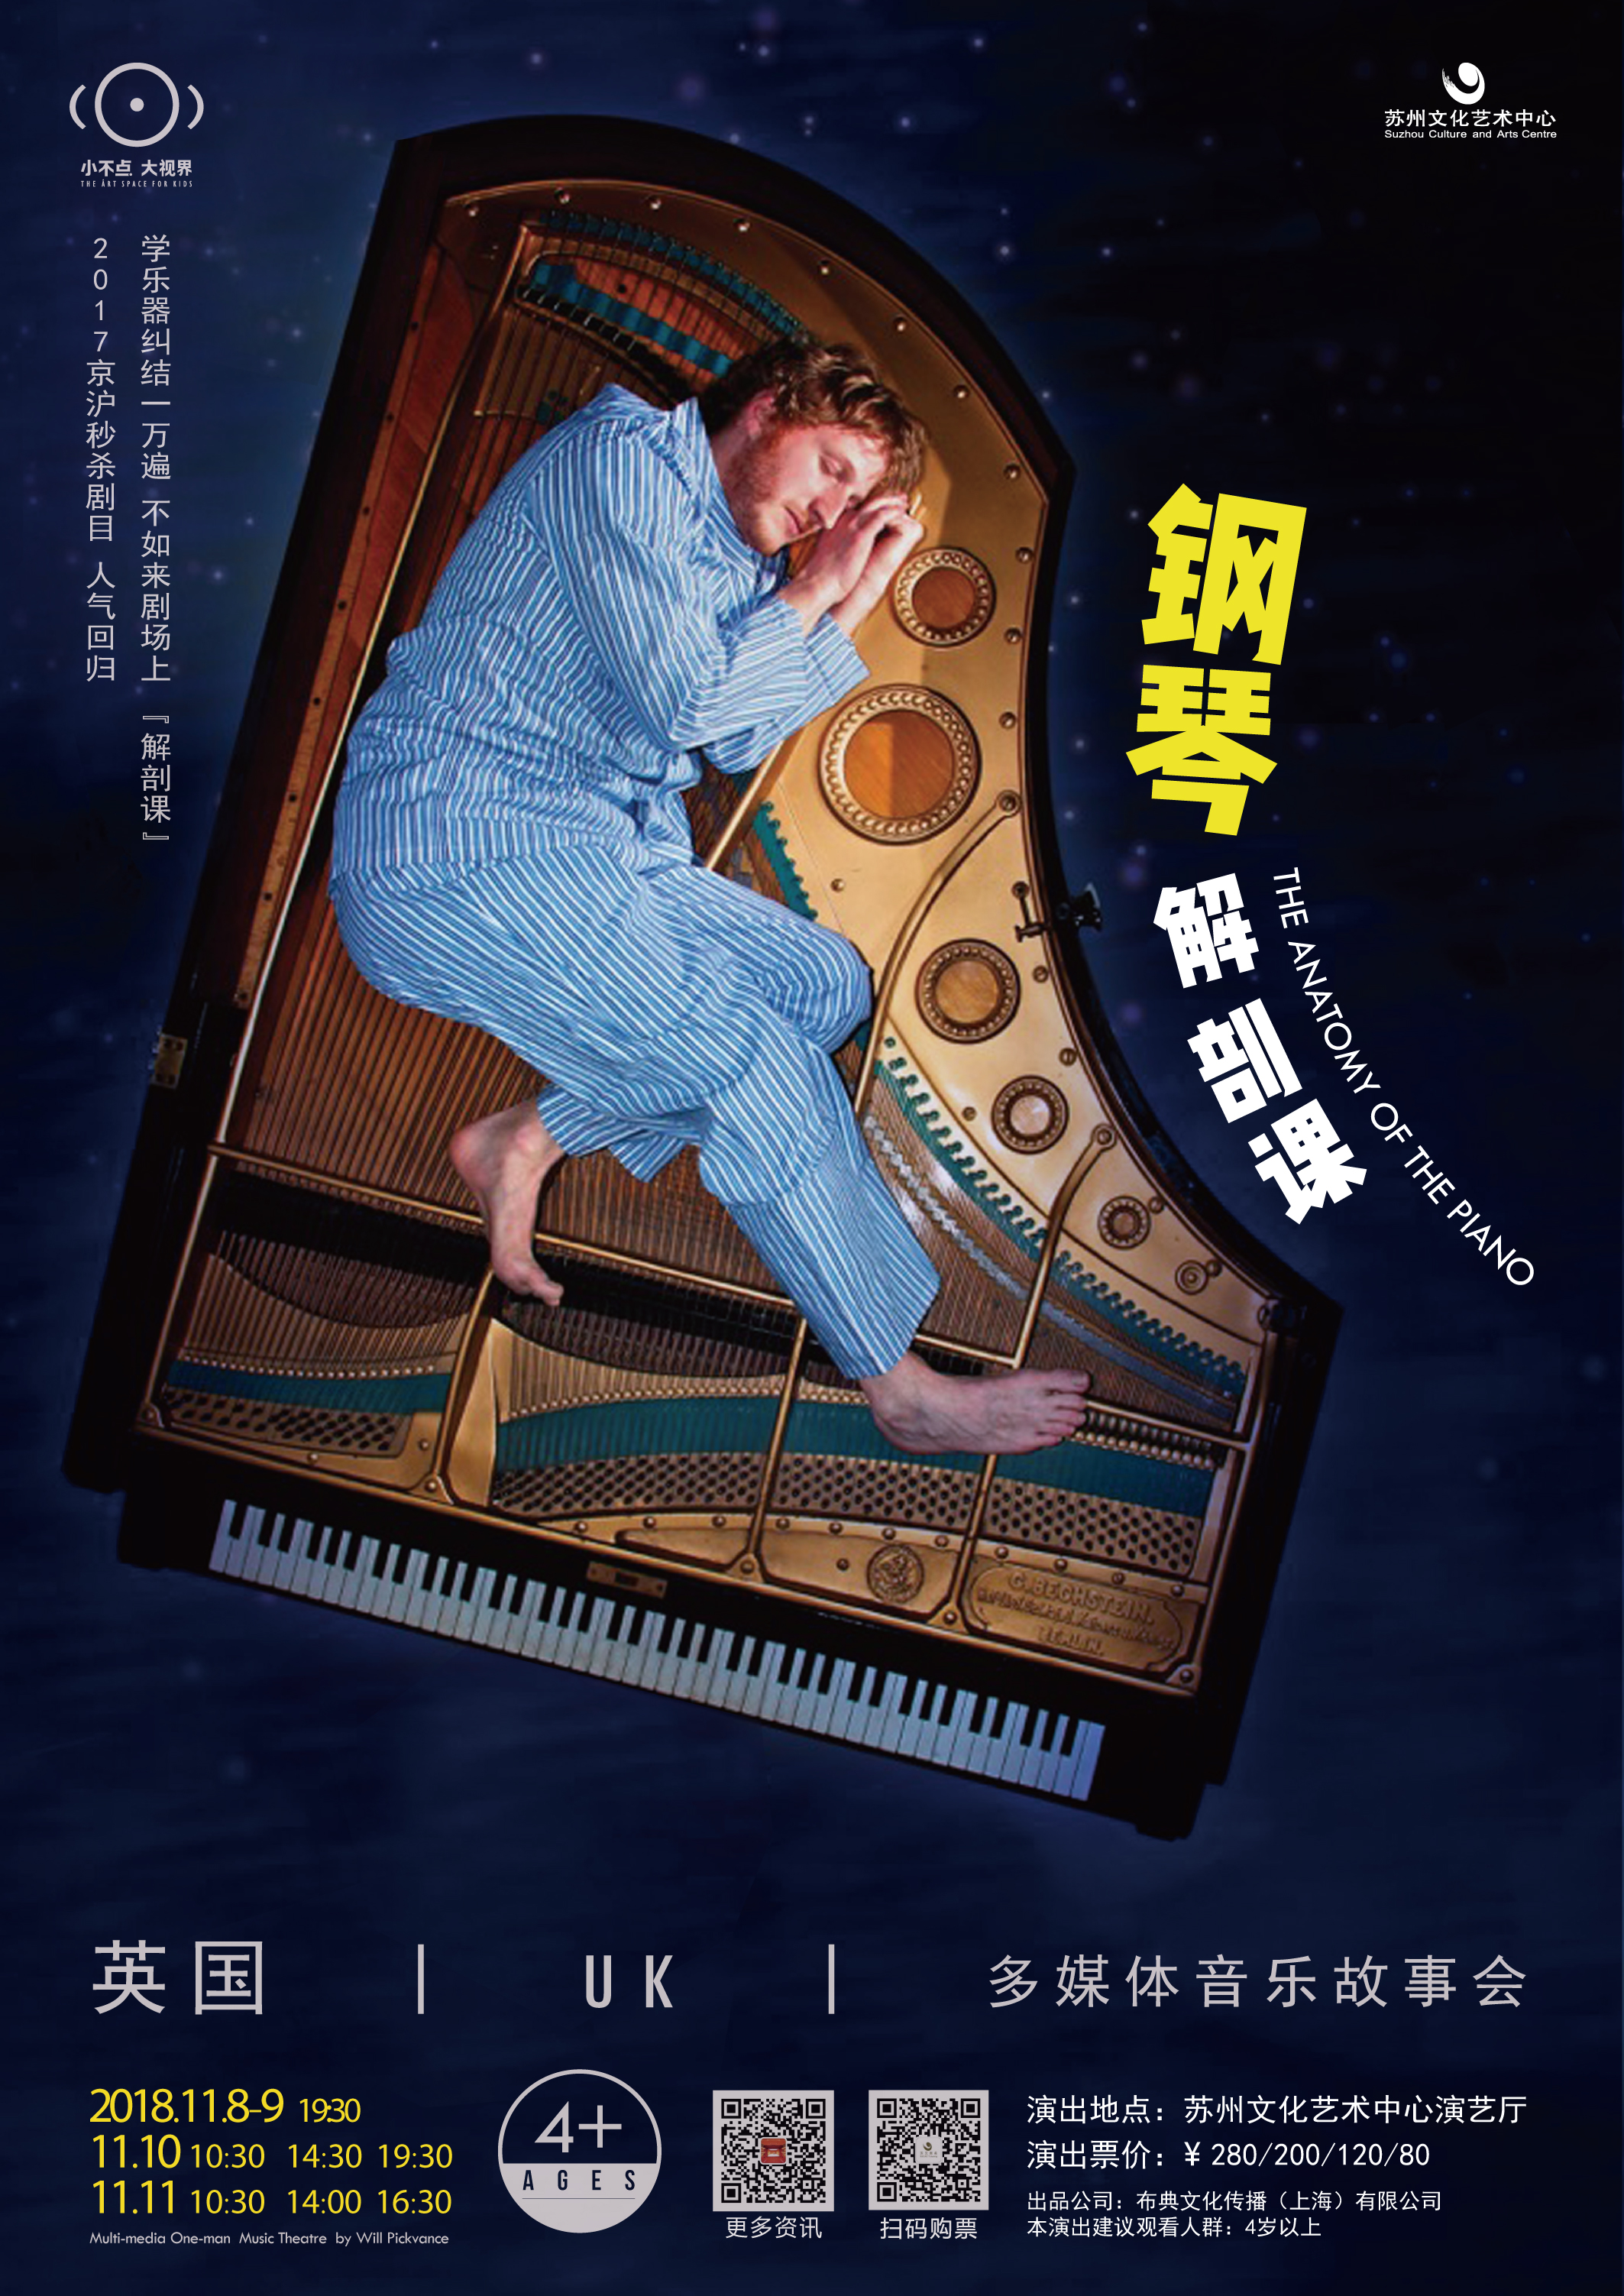 英伦多媒体音乐故事会《钢琴解剖课》(主办)